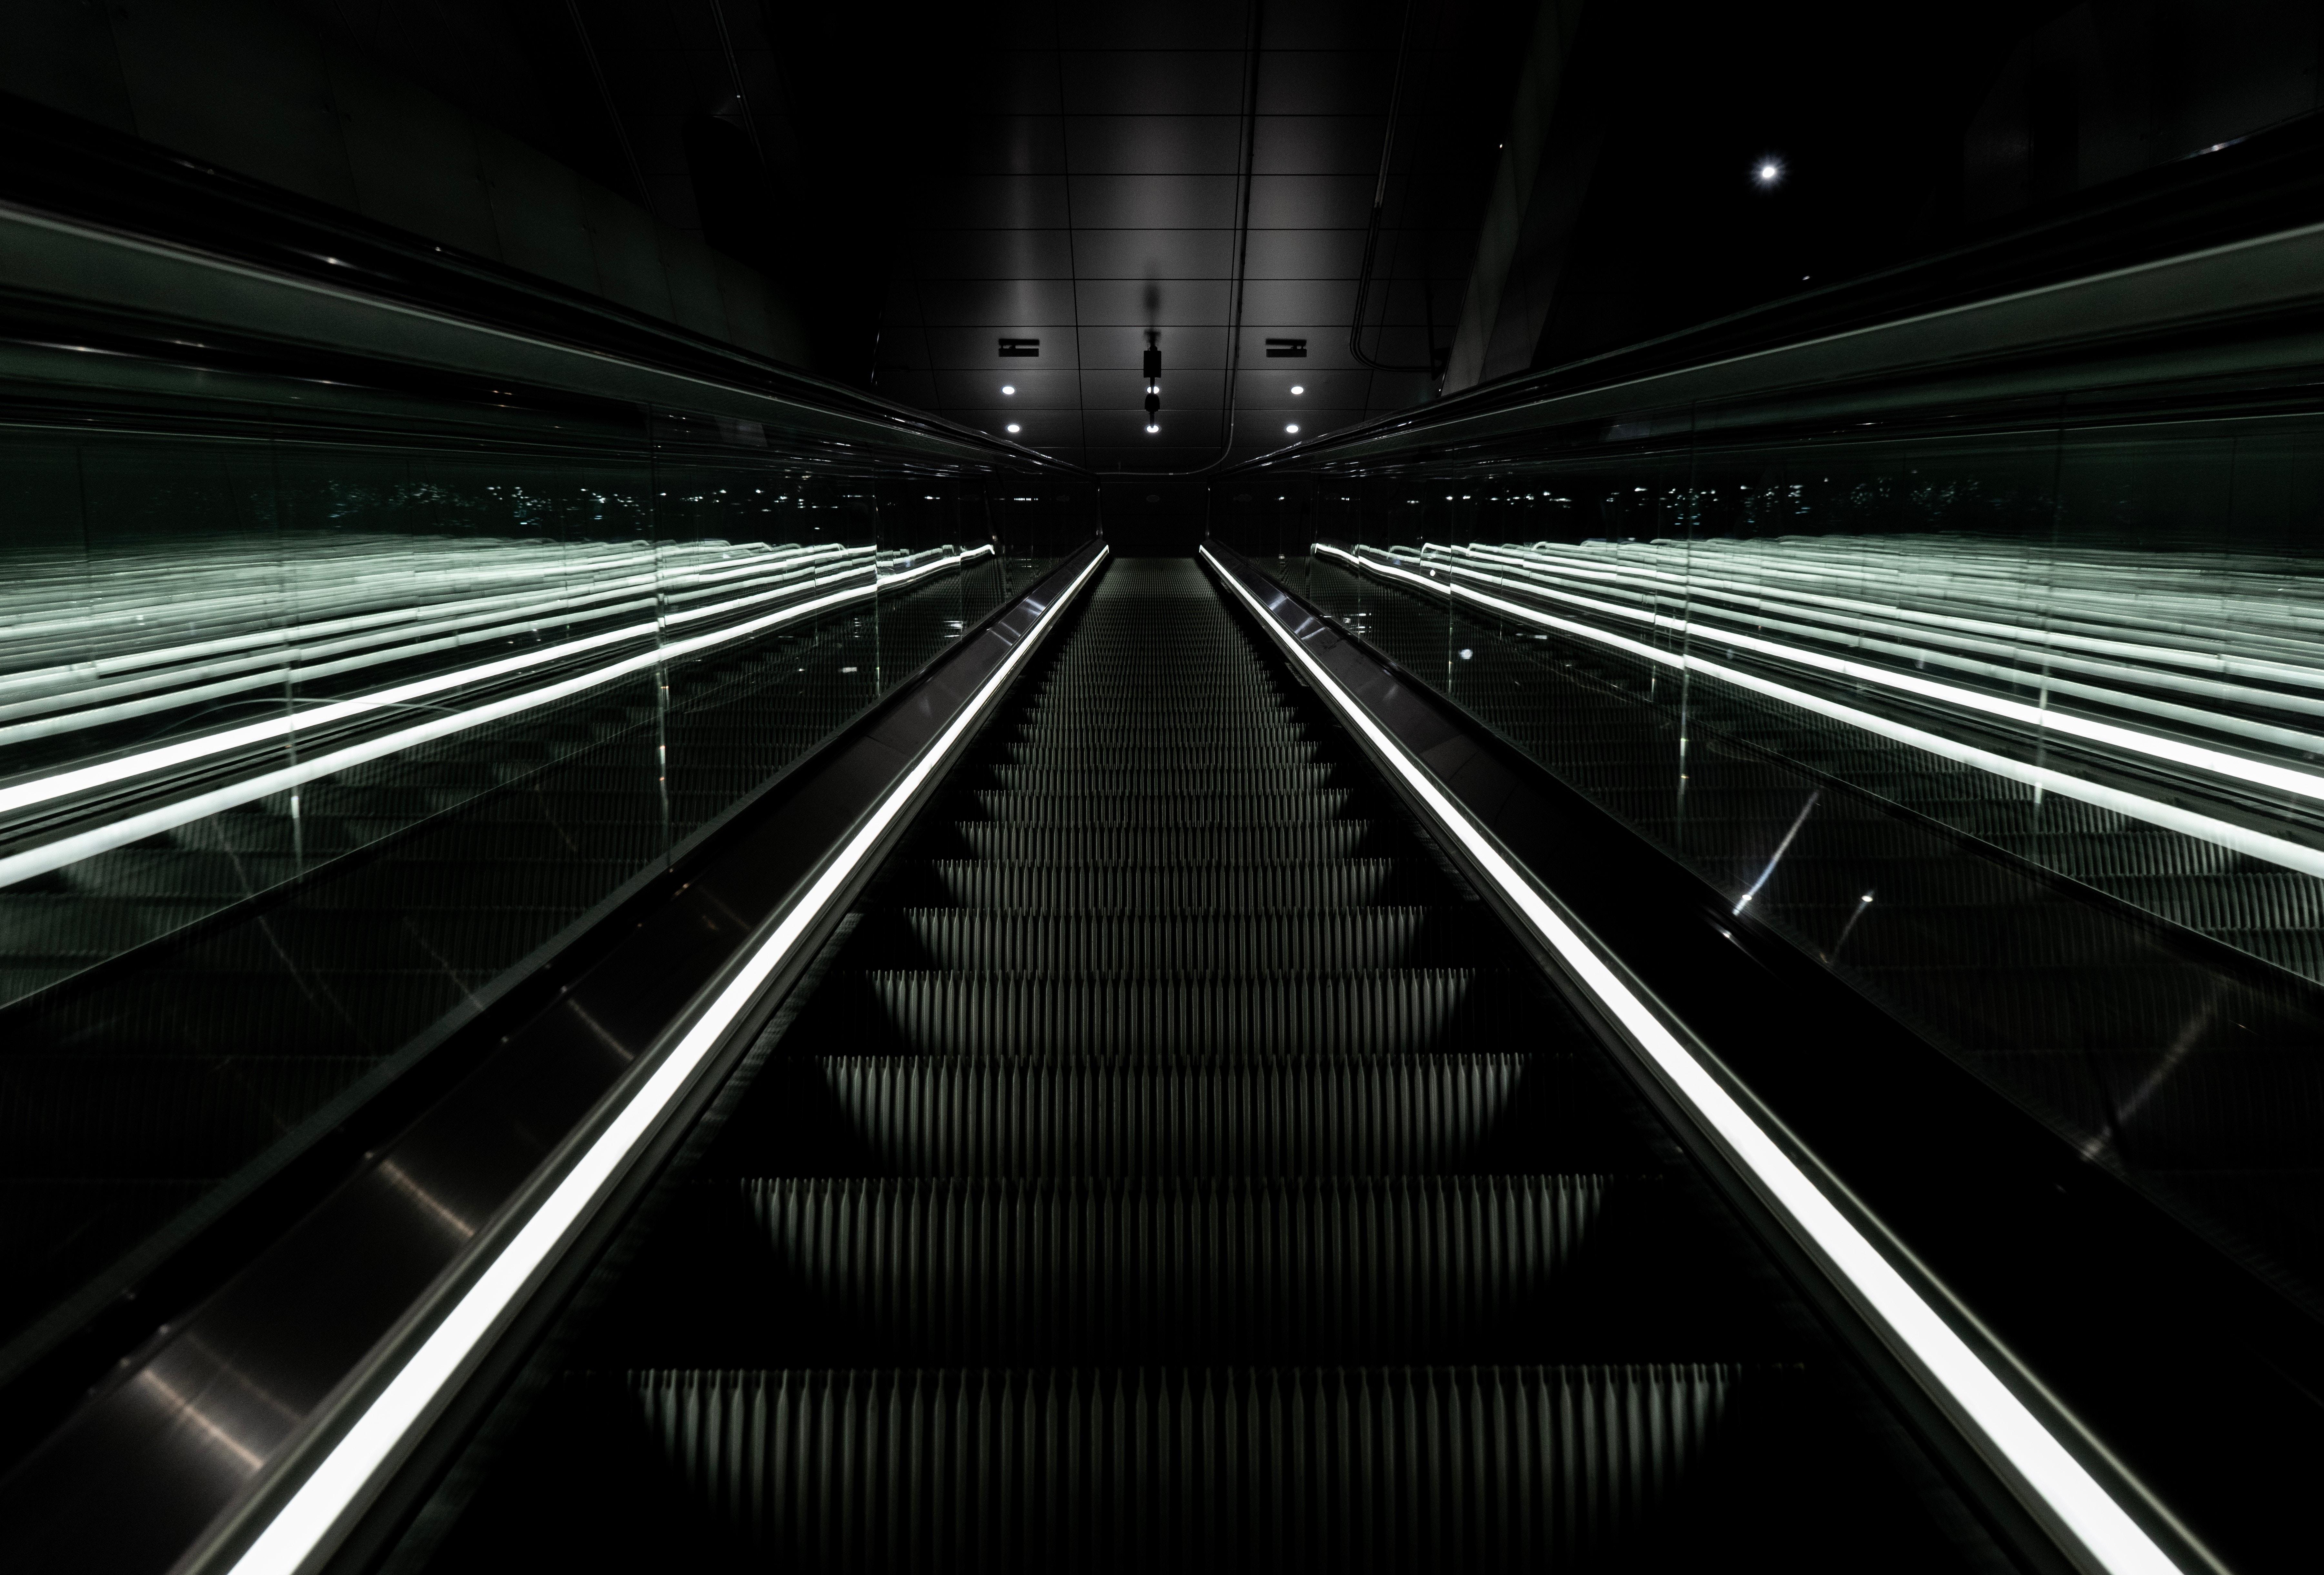 129658 скачать обои Темные, Эскалатор, Лестница, Темный, Спуск - заставки и картинки бесплатно